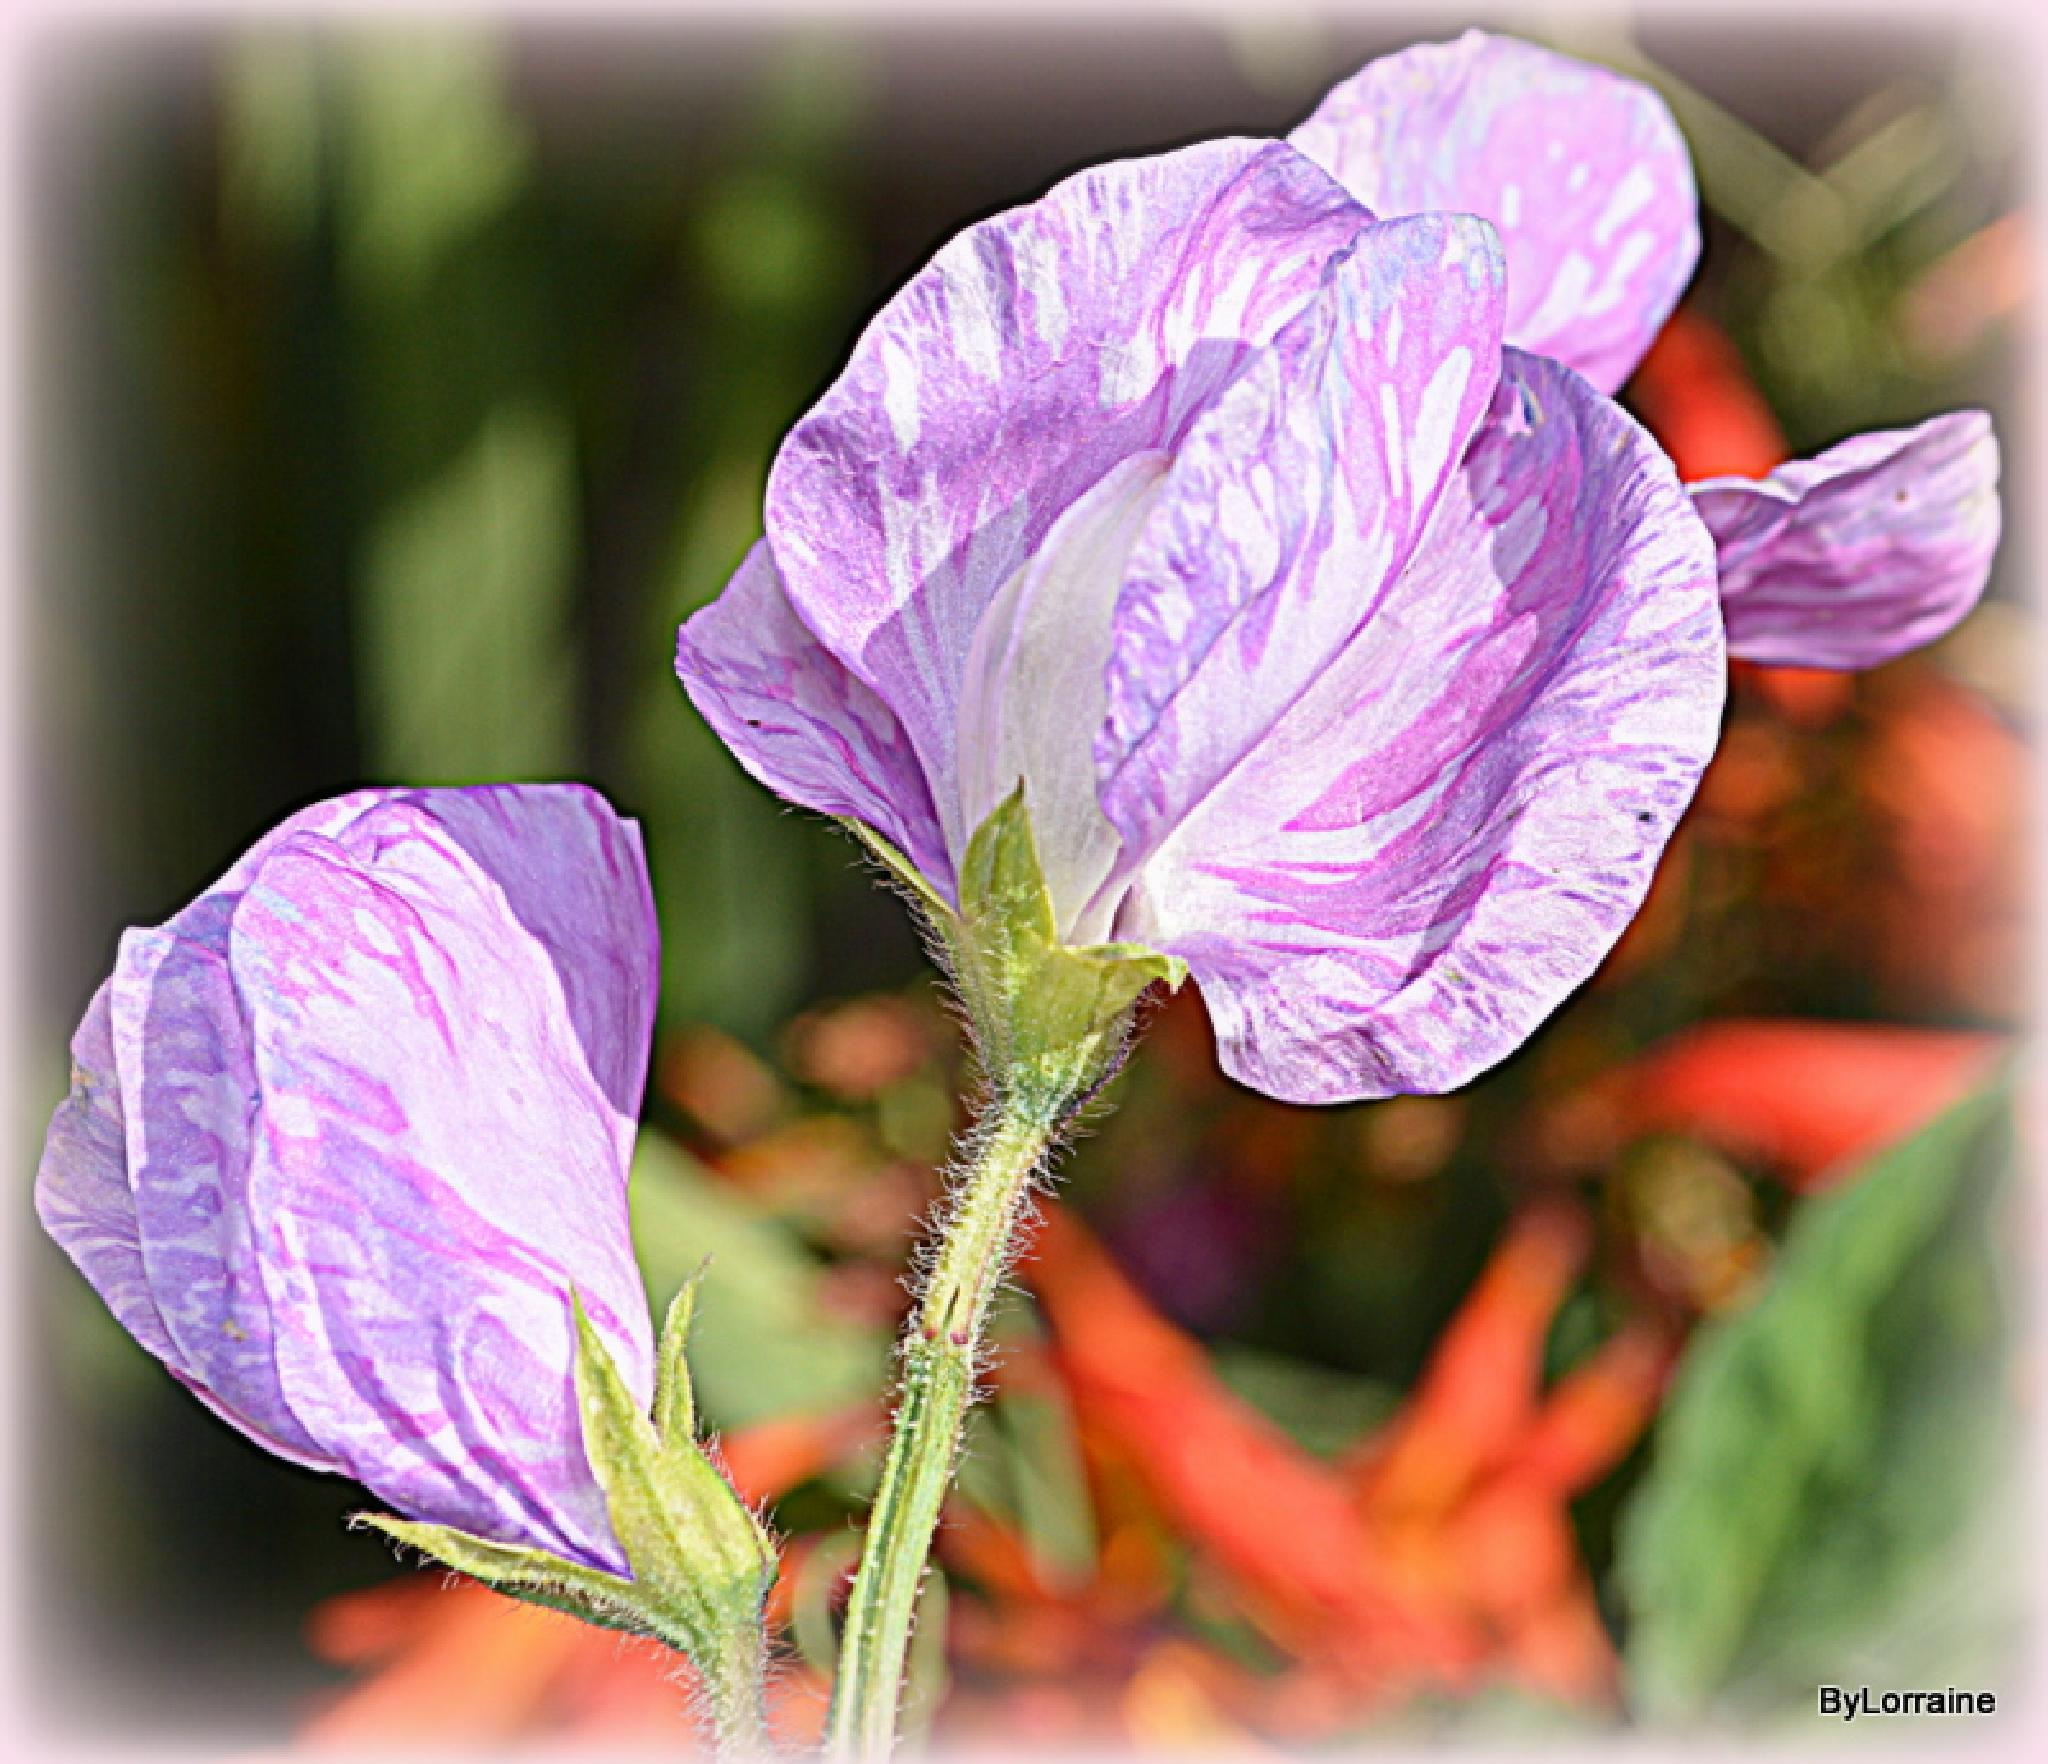 Sweet pea flowers by Lorraine. Sgt